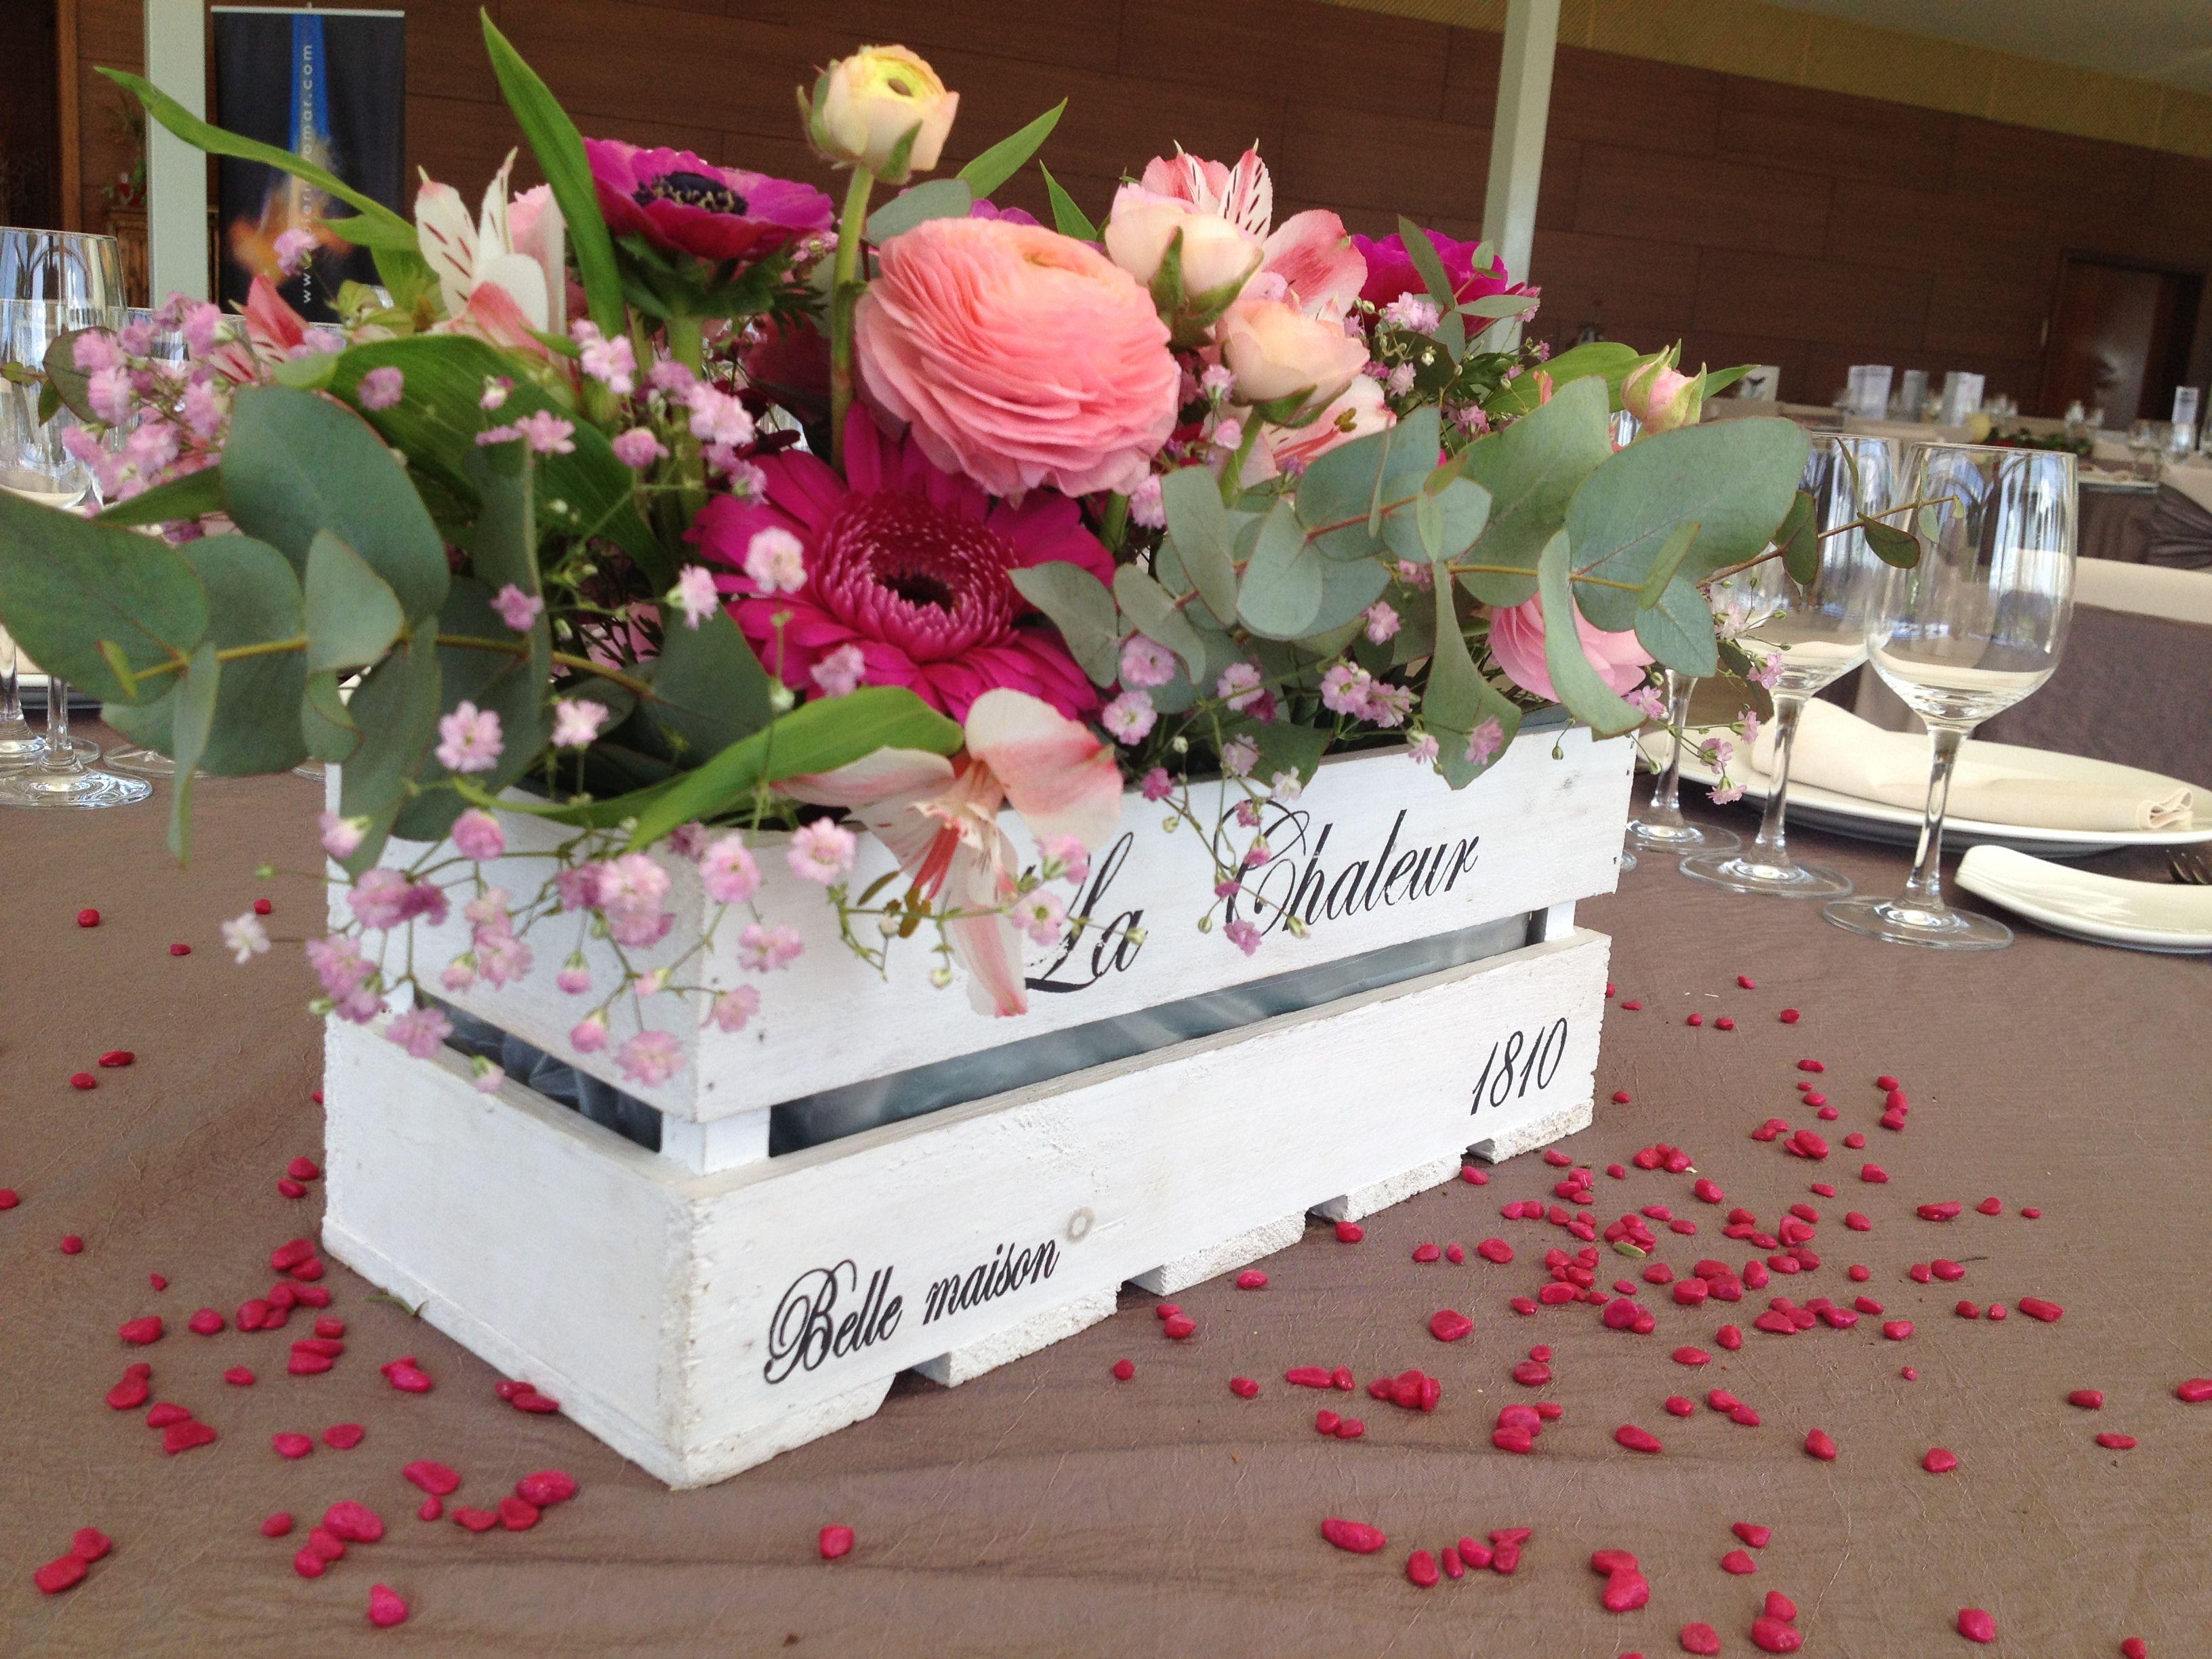 centro mesa despedida fiestas centros de mesa vintage dona florinda floreros adornos cajones